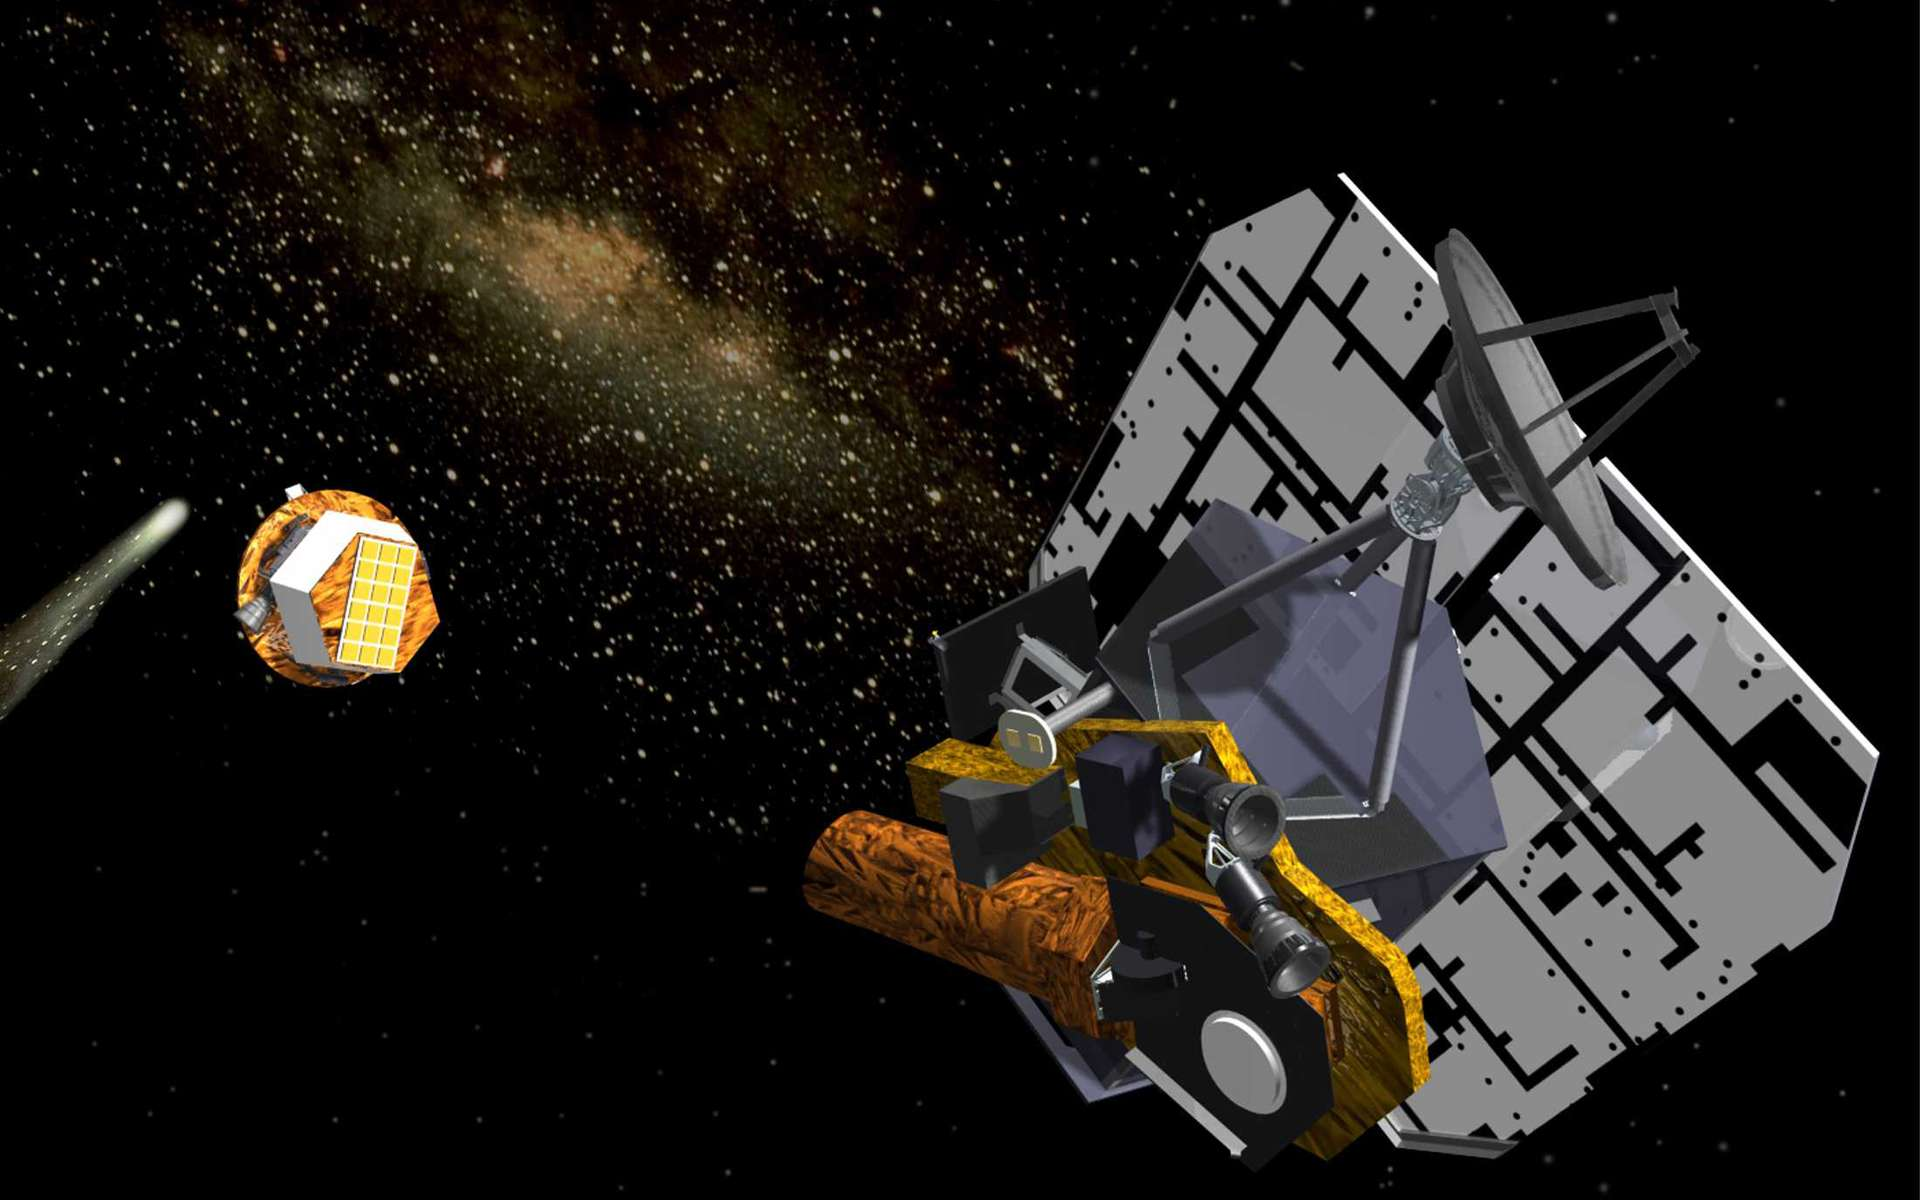 La mission Deep Impact a été renommée Epoxi. Ici, une représentation d'artiste du moment où elle a largué son impacteur en direction de la comète Tempel 1. Crédit : Nasa